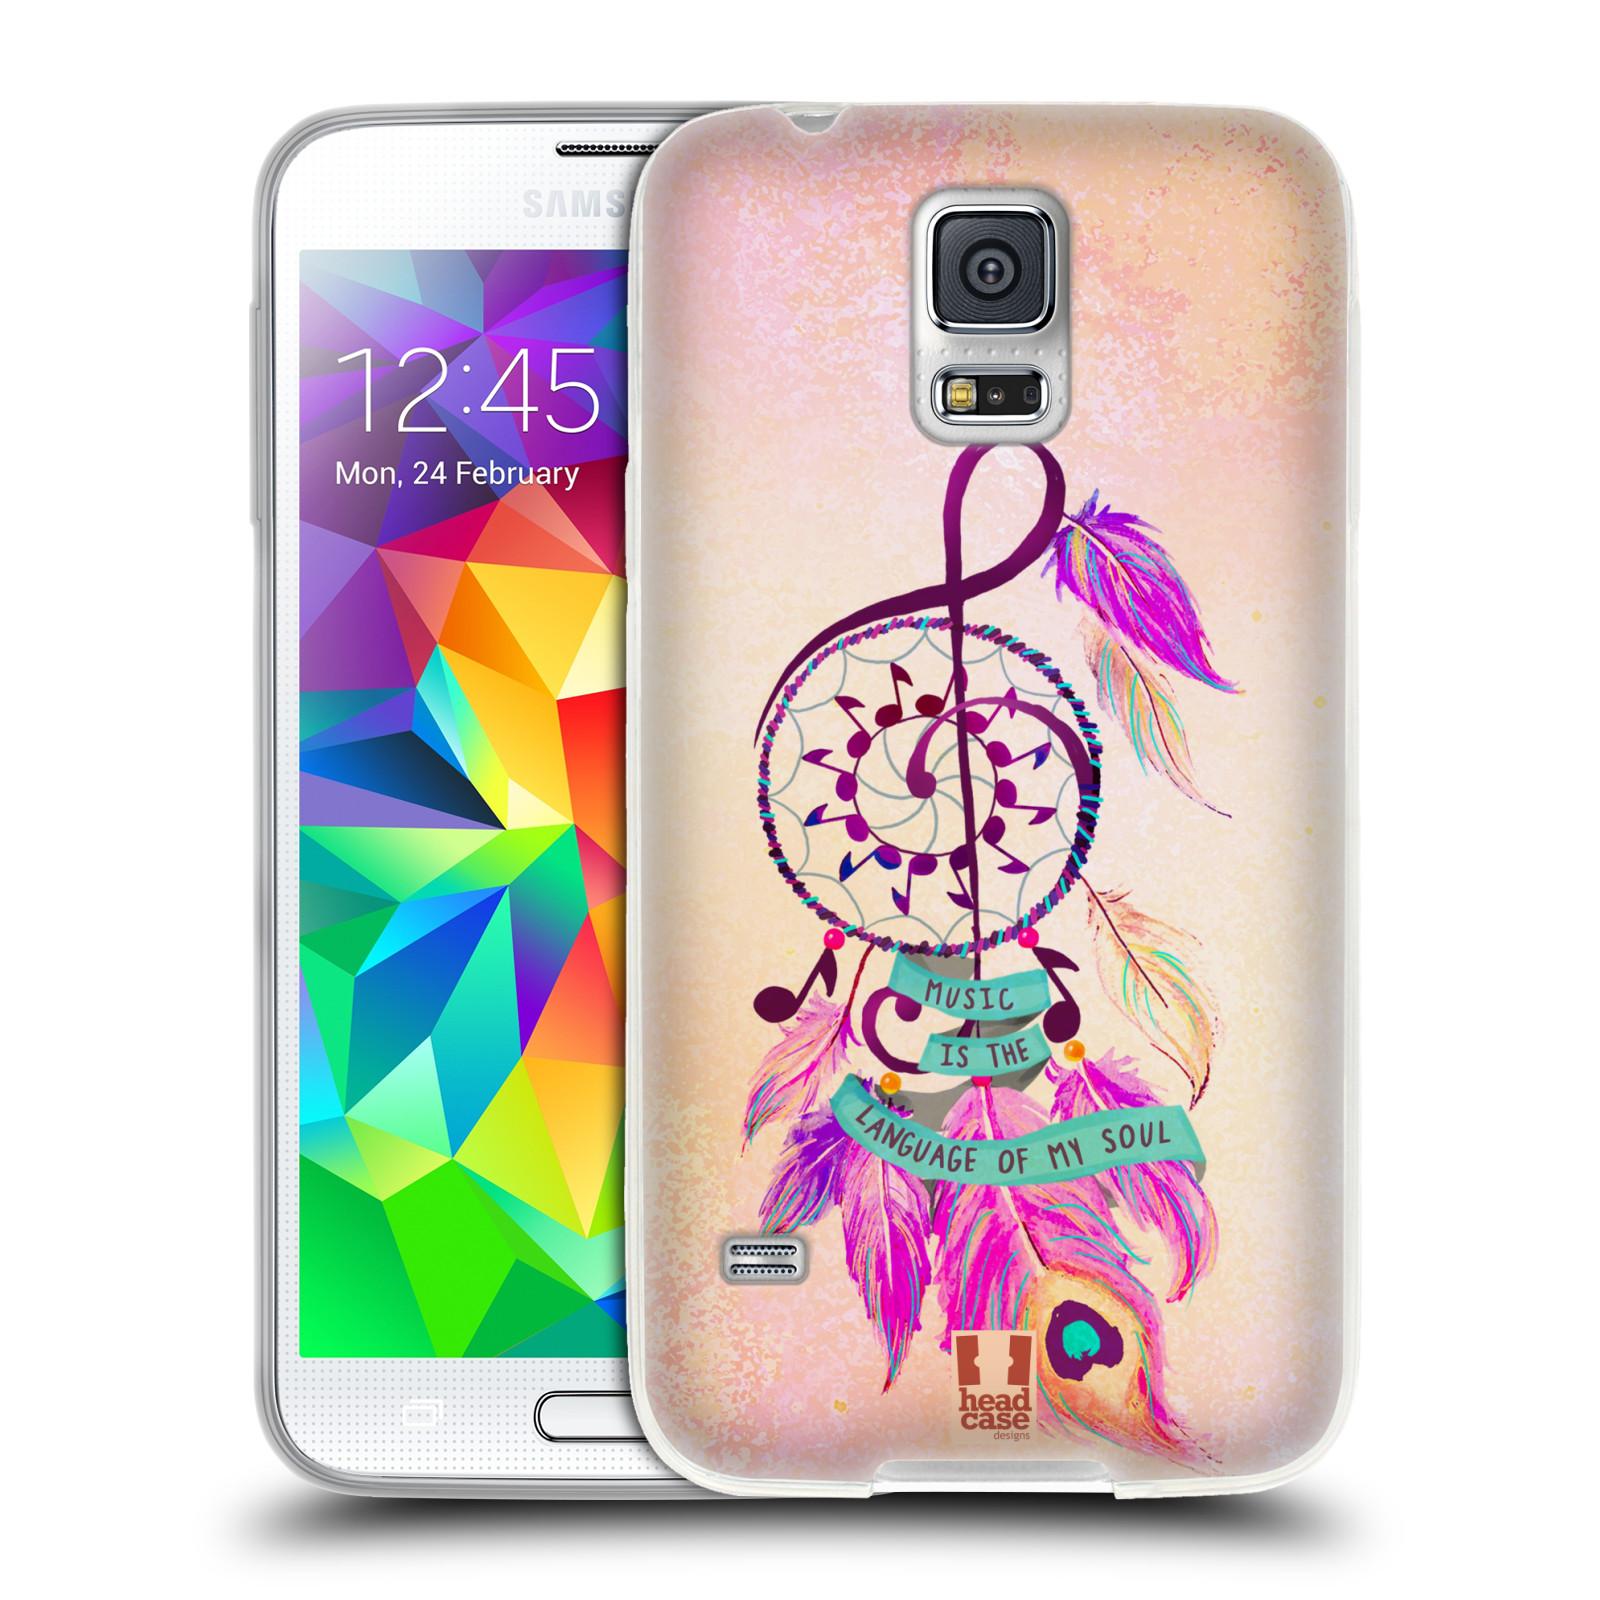 Silikonové pouzdro na mobil Samsung Galaxy S5 HEAD CASE Lapač Assorted Music